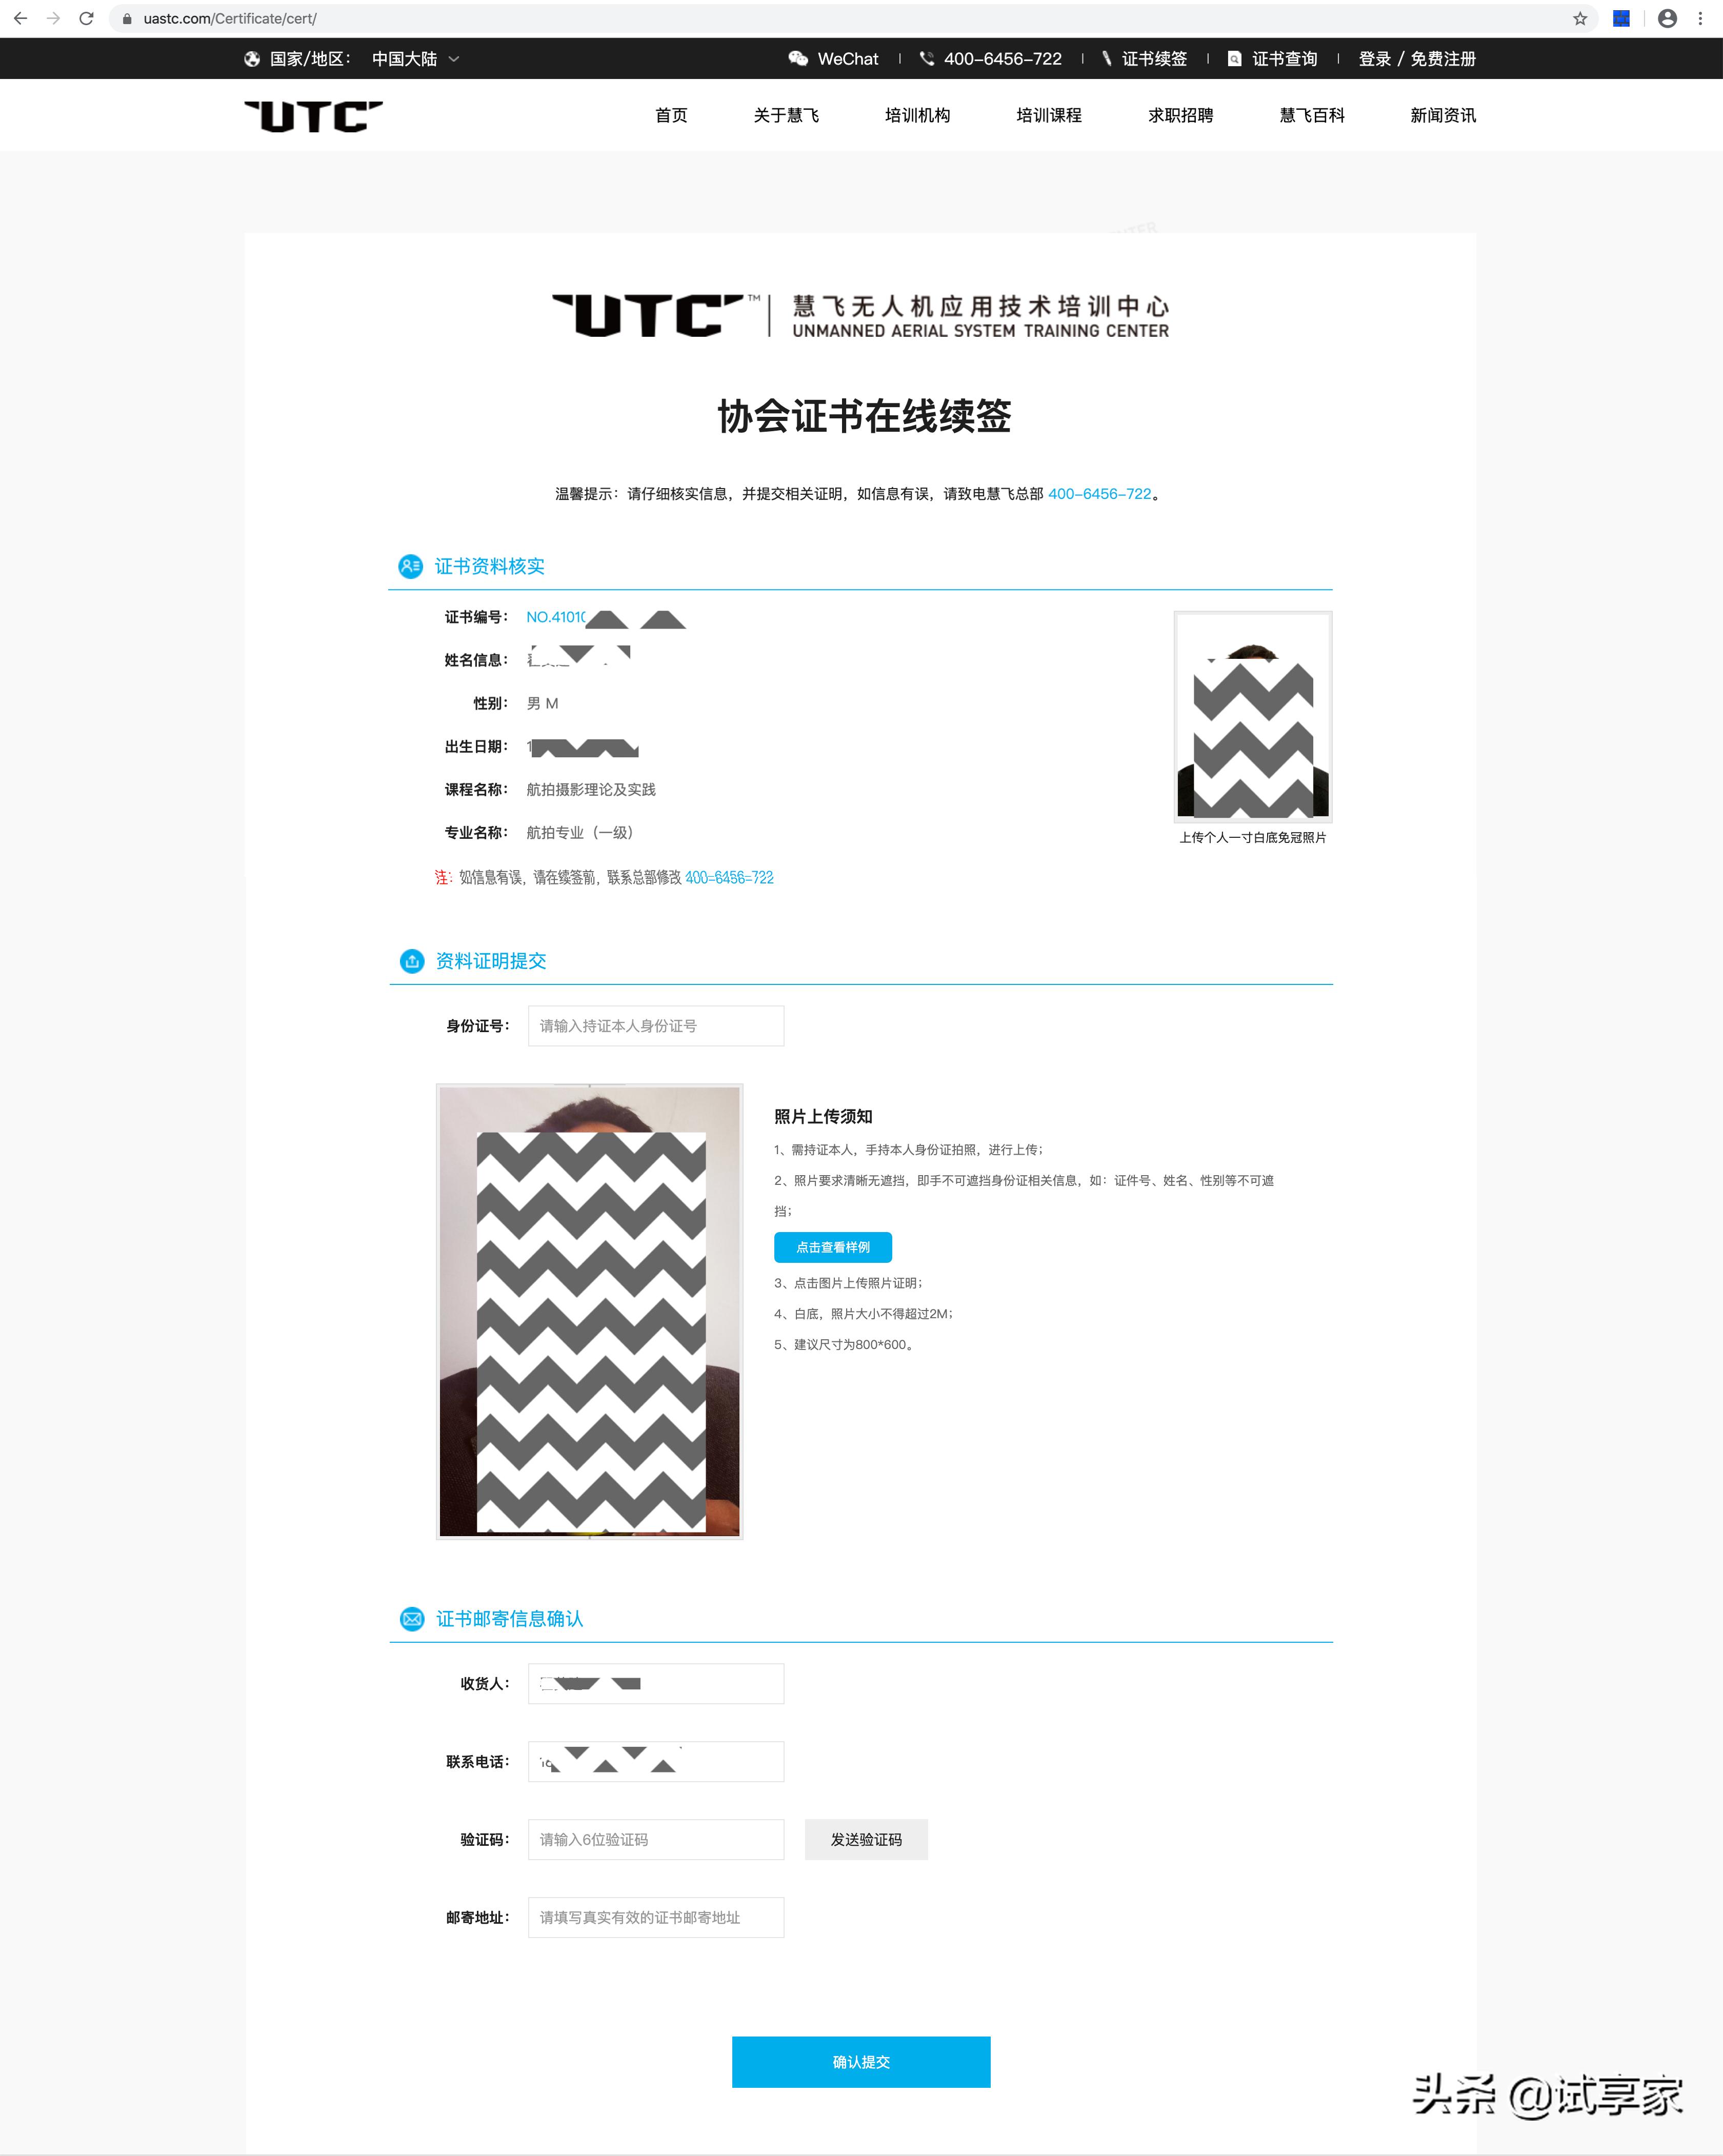 「有用功」中国通用航空协会UTC证书-无人机操作手合格证续签指南